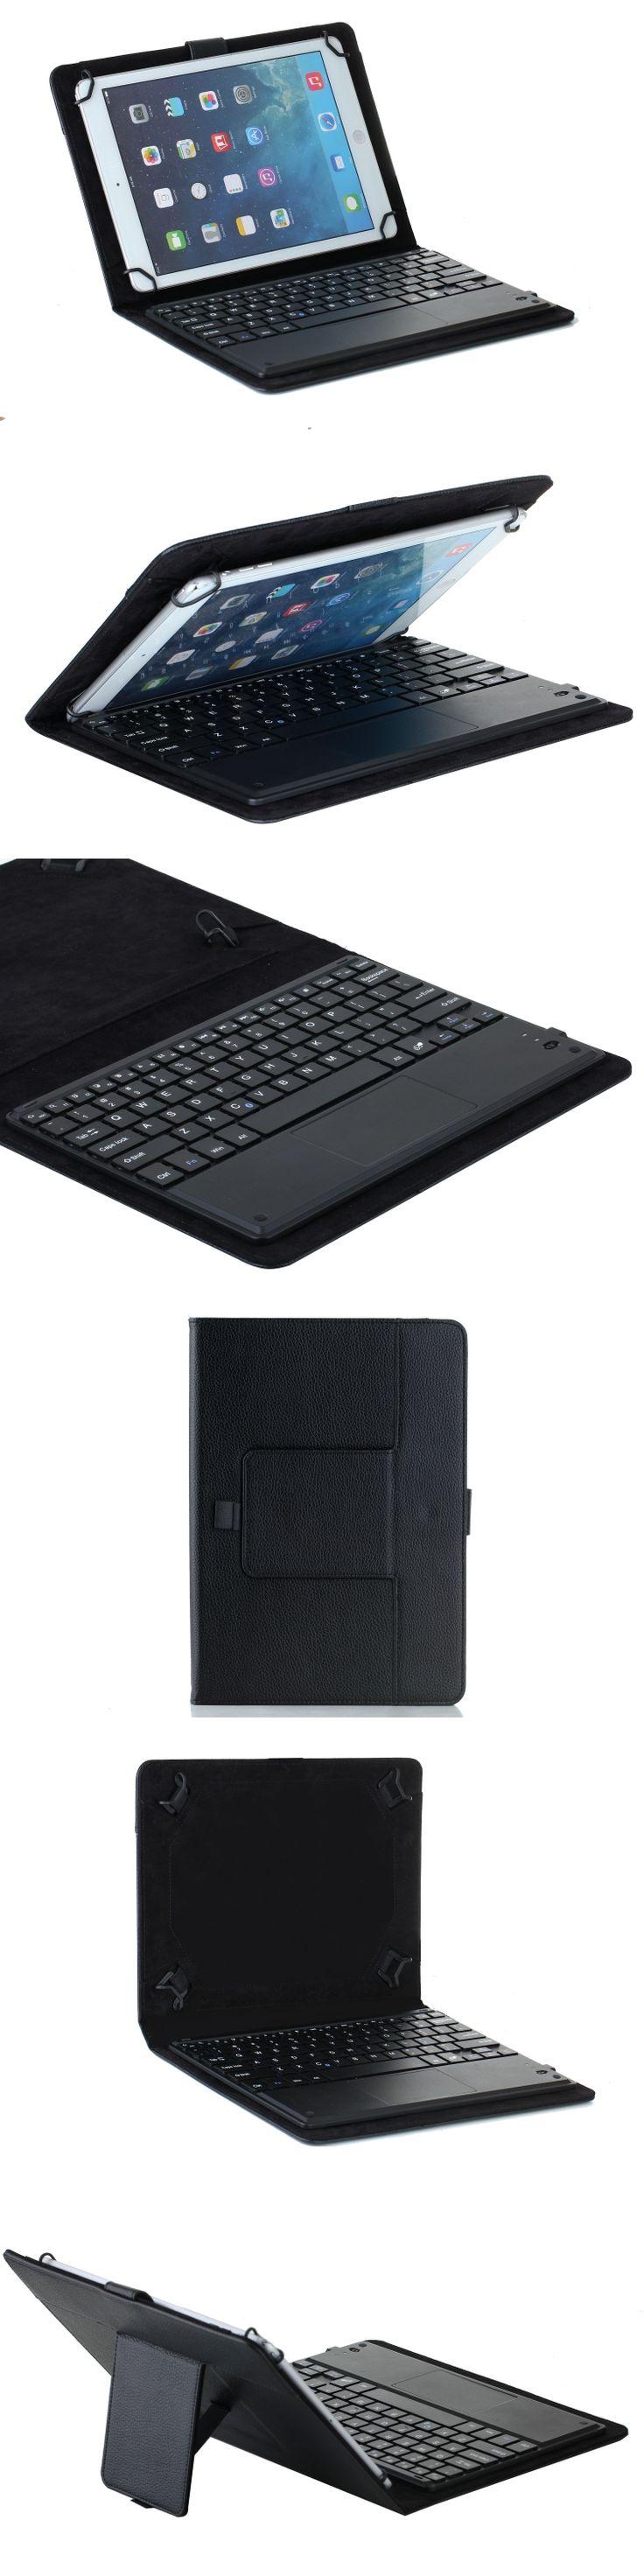 Best 25 pc keyboard ideas on pinterest keyboard shortcut keys 2016 touch panel keyboard case for huawei mediapad m2 100 lte 64gb tablet pc for huawei biocorpaavc